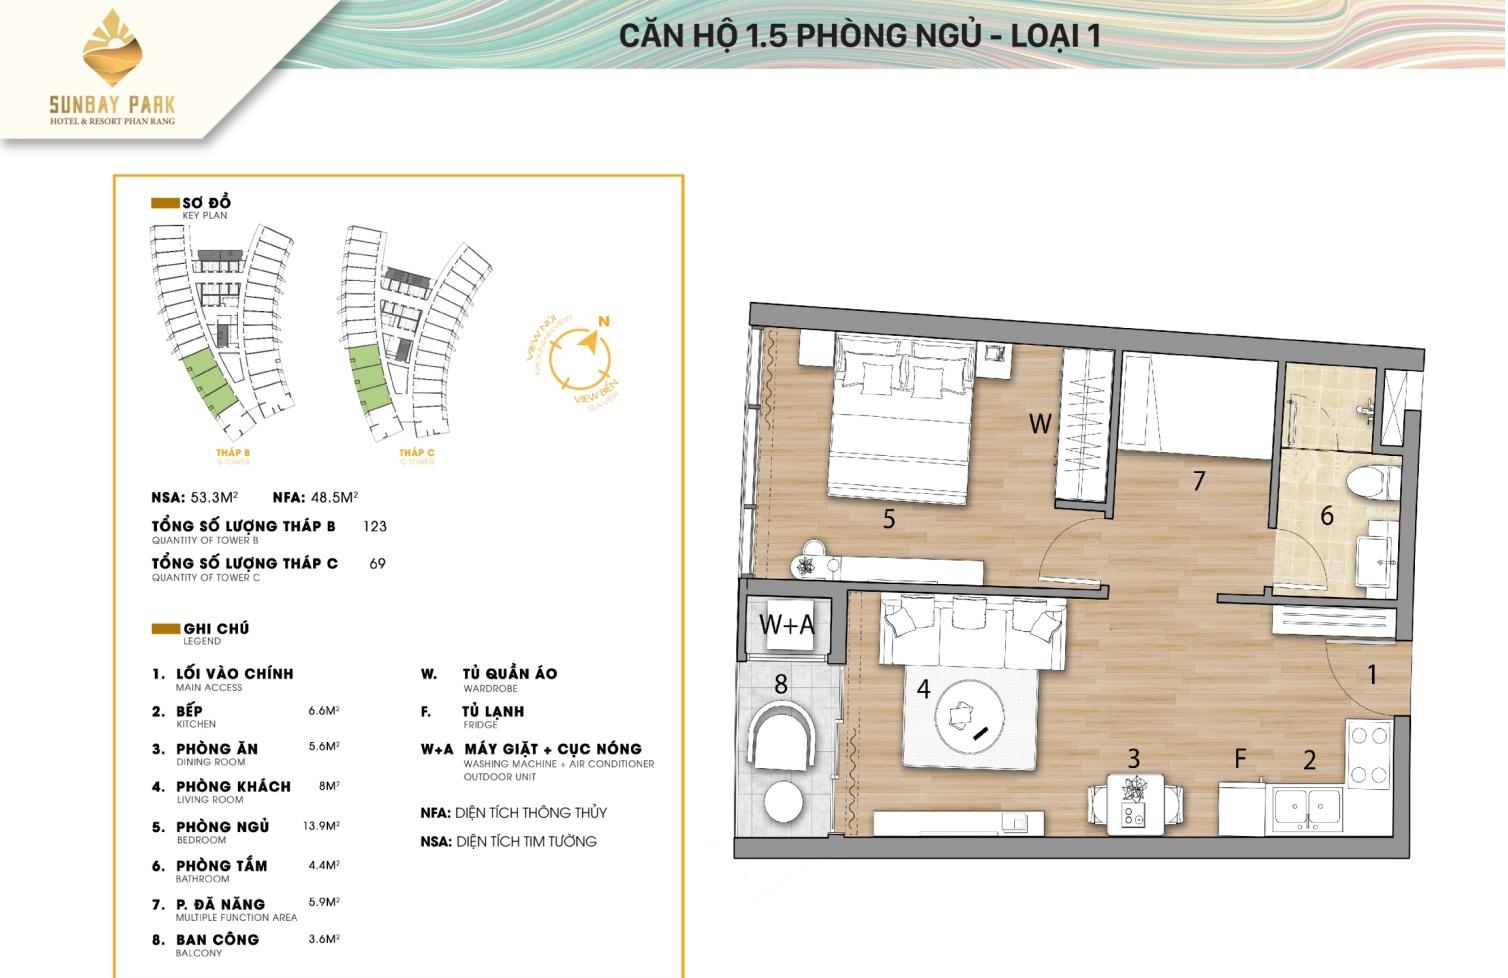 căn hộ 1.5 phòng ngủ sunbay park